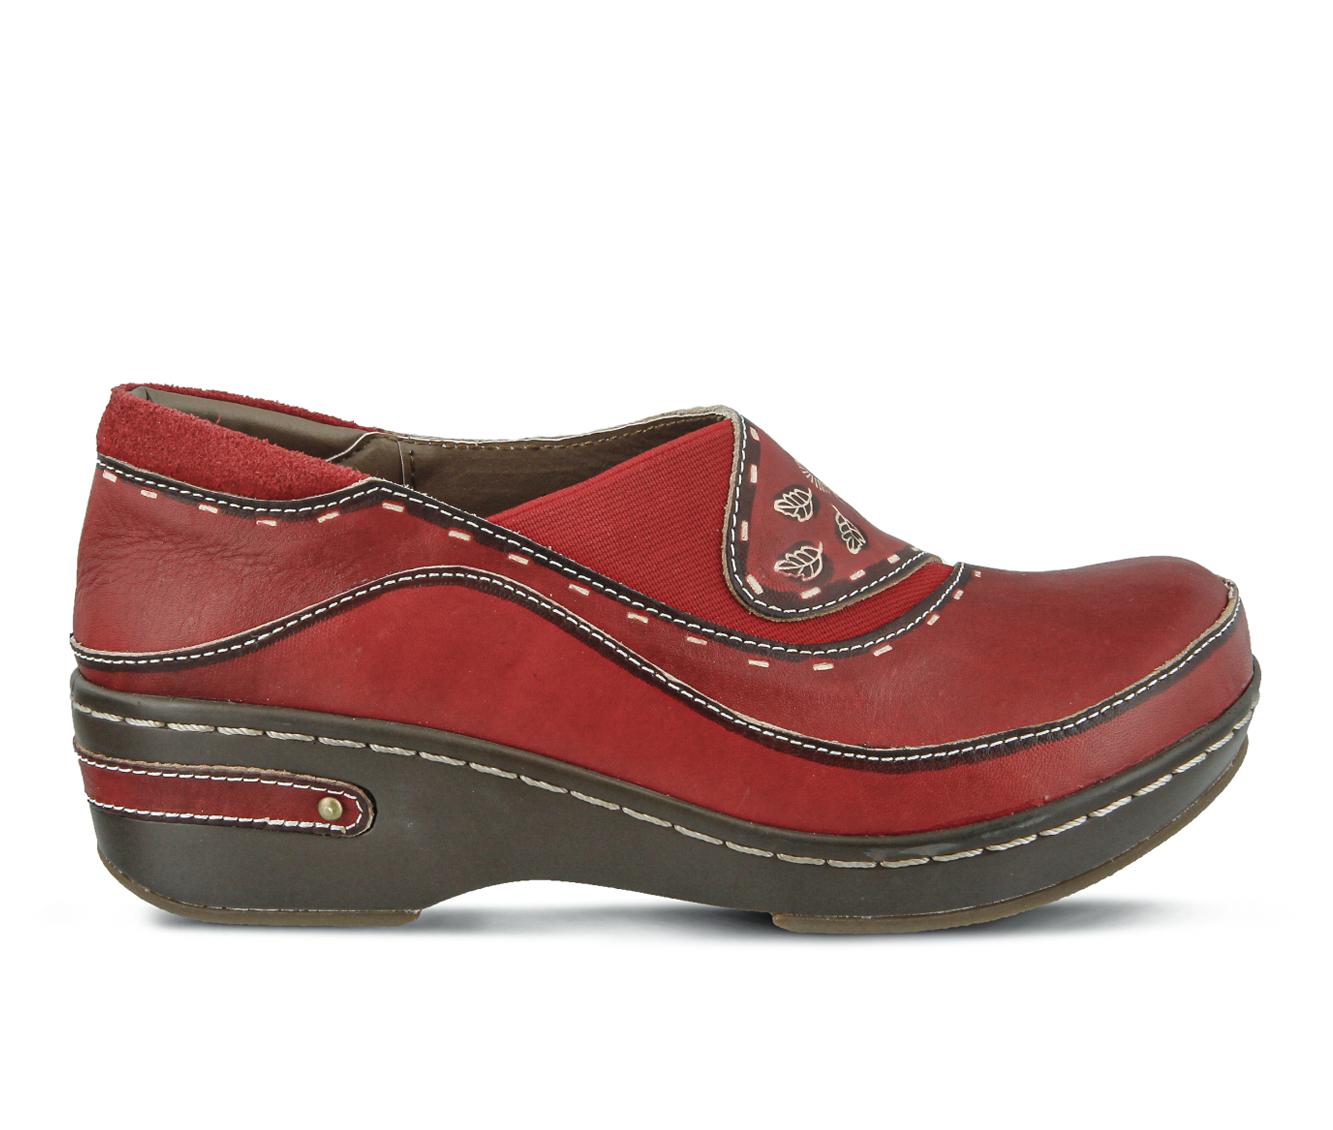 L'Artiste Burbank Women's Shoe (Red Leather)